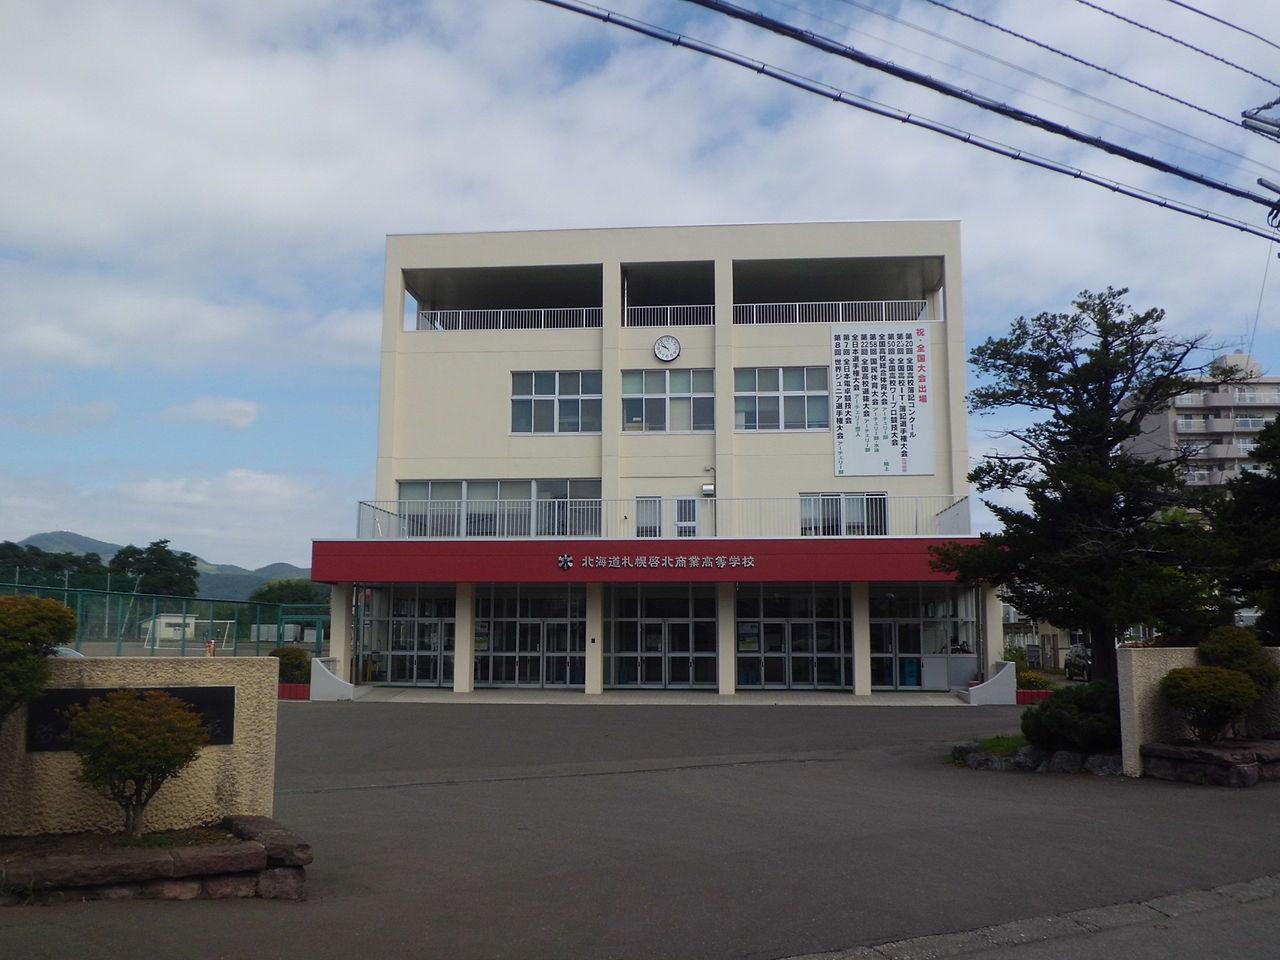 札幌啓北商業高校の画像